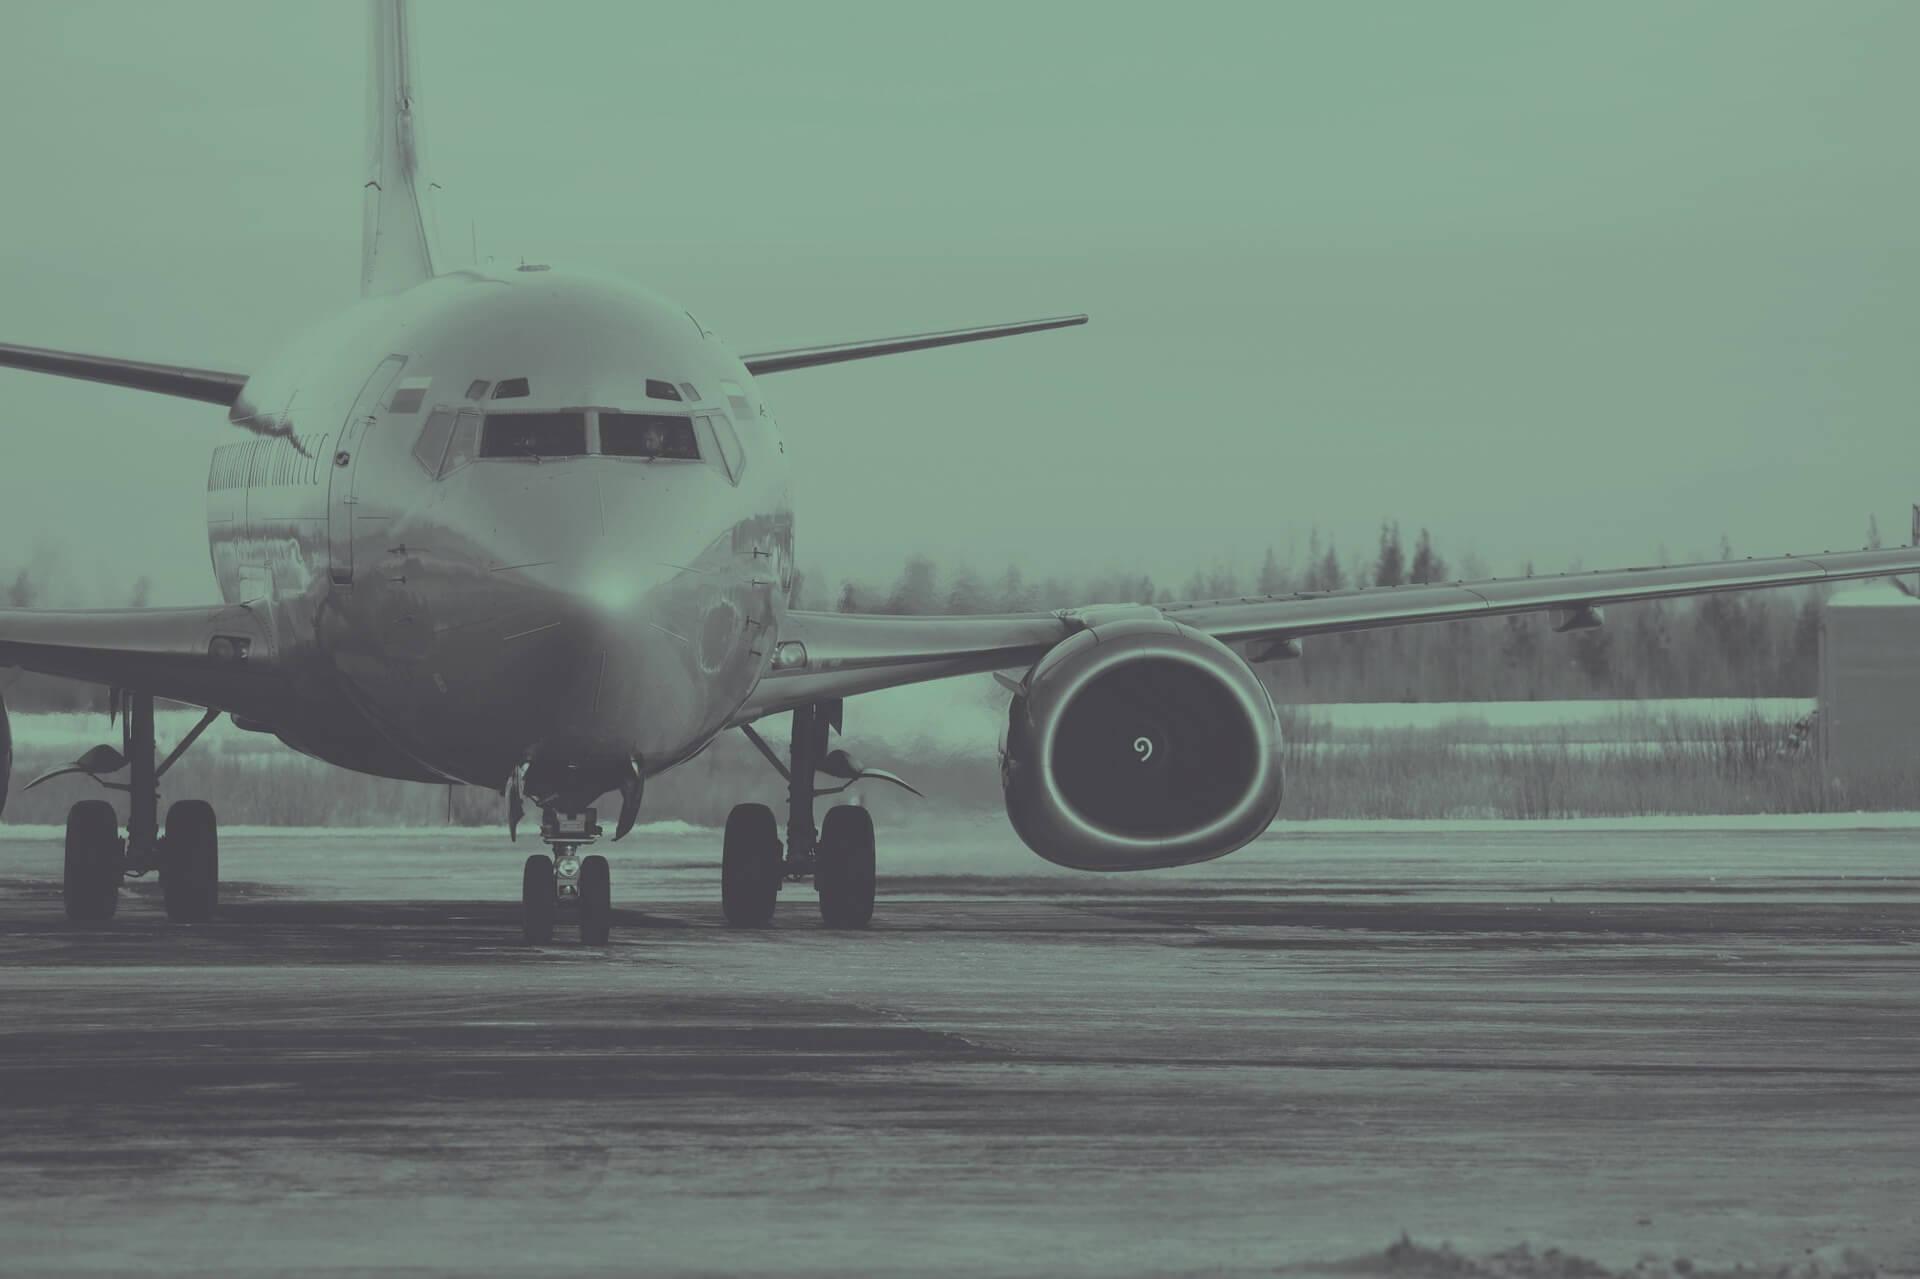 Voo - foto de um avião de frente em uma pista de um aeroporto